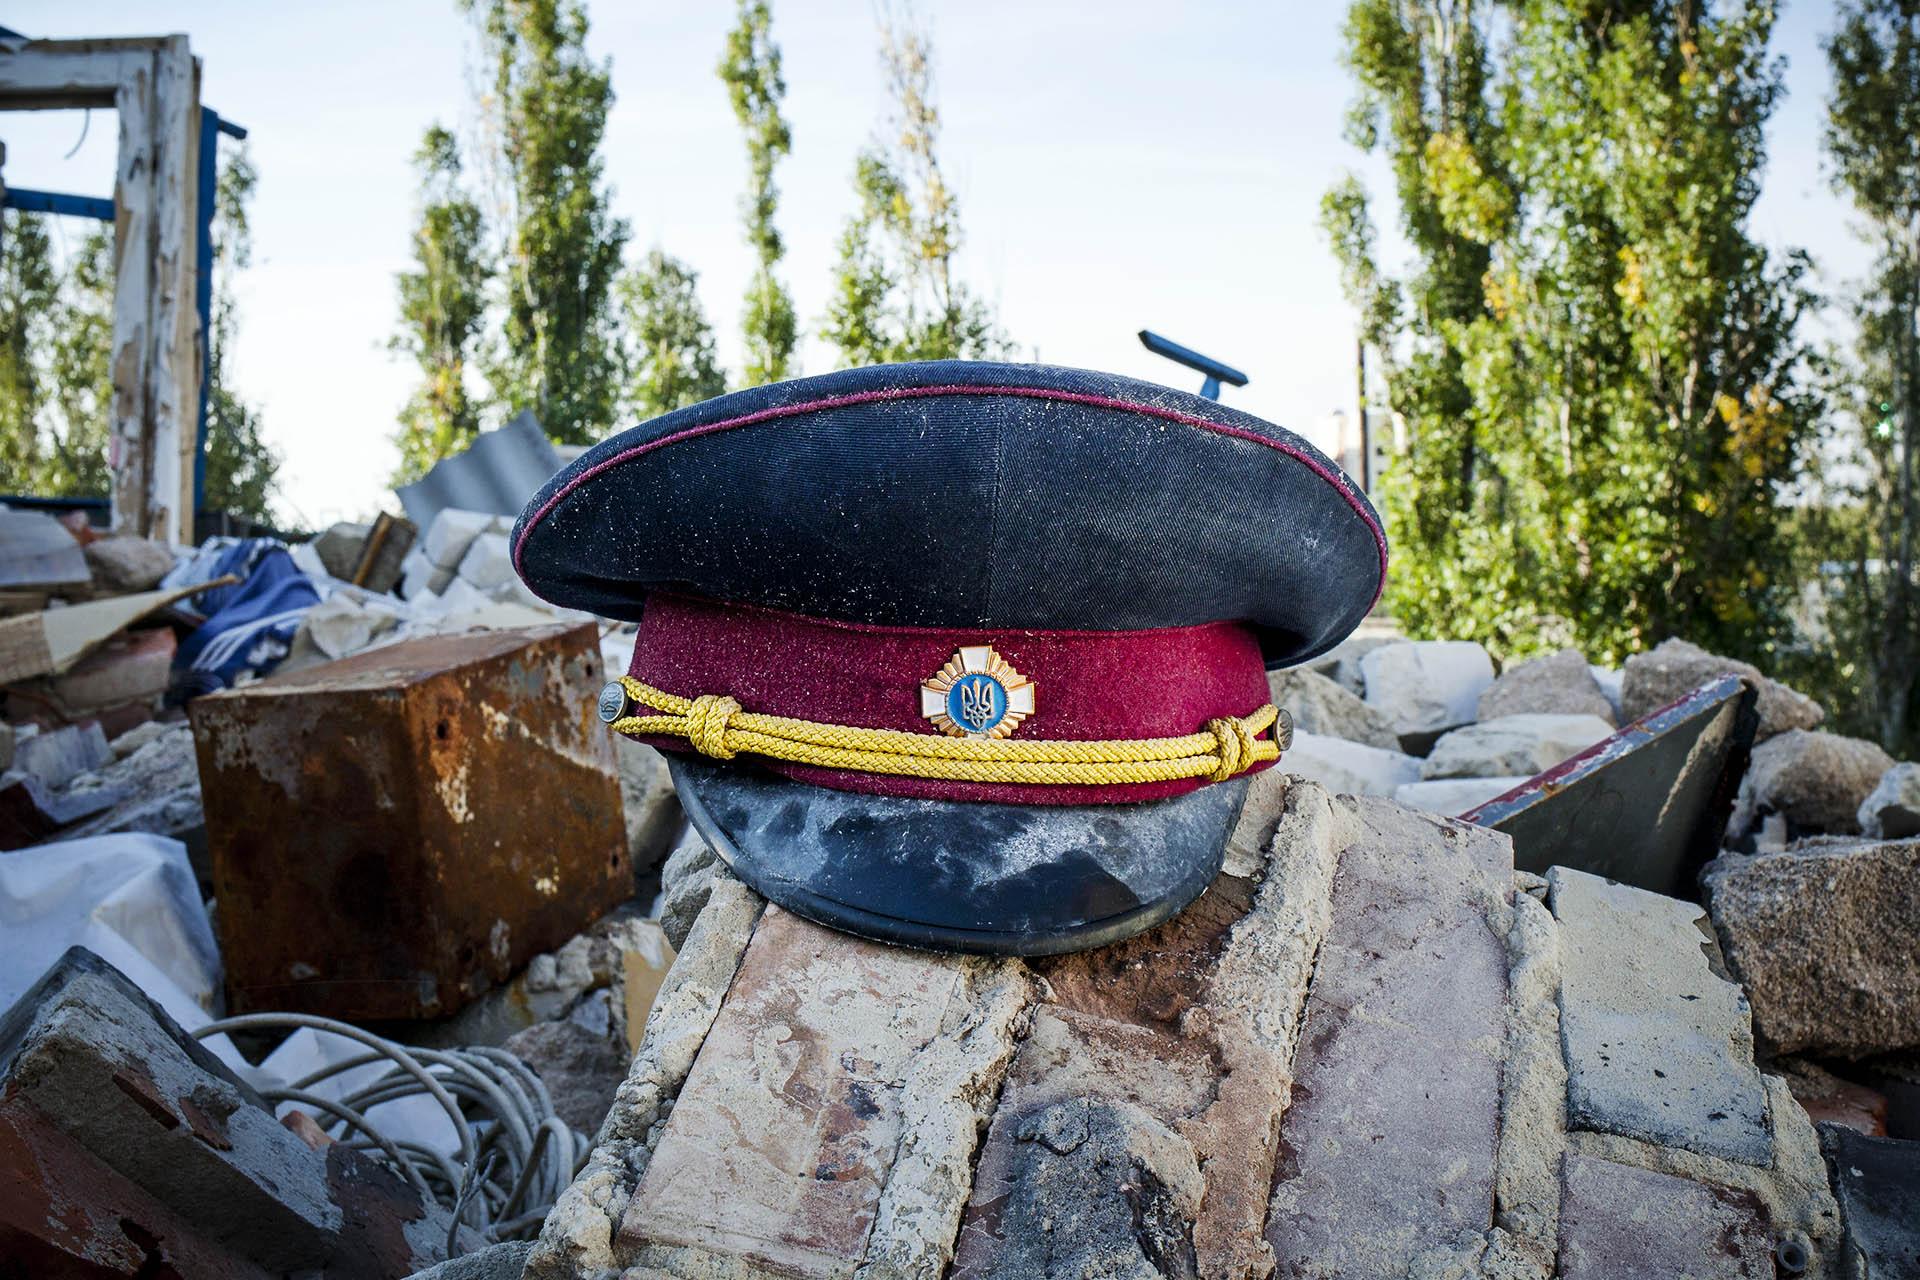 Sombrero del ejército ucraniano entre los escombros de un apartamento alcanzado por artillería ucraniana / (Donestk).